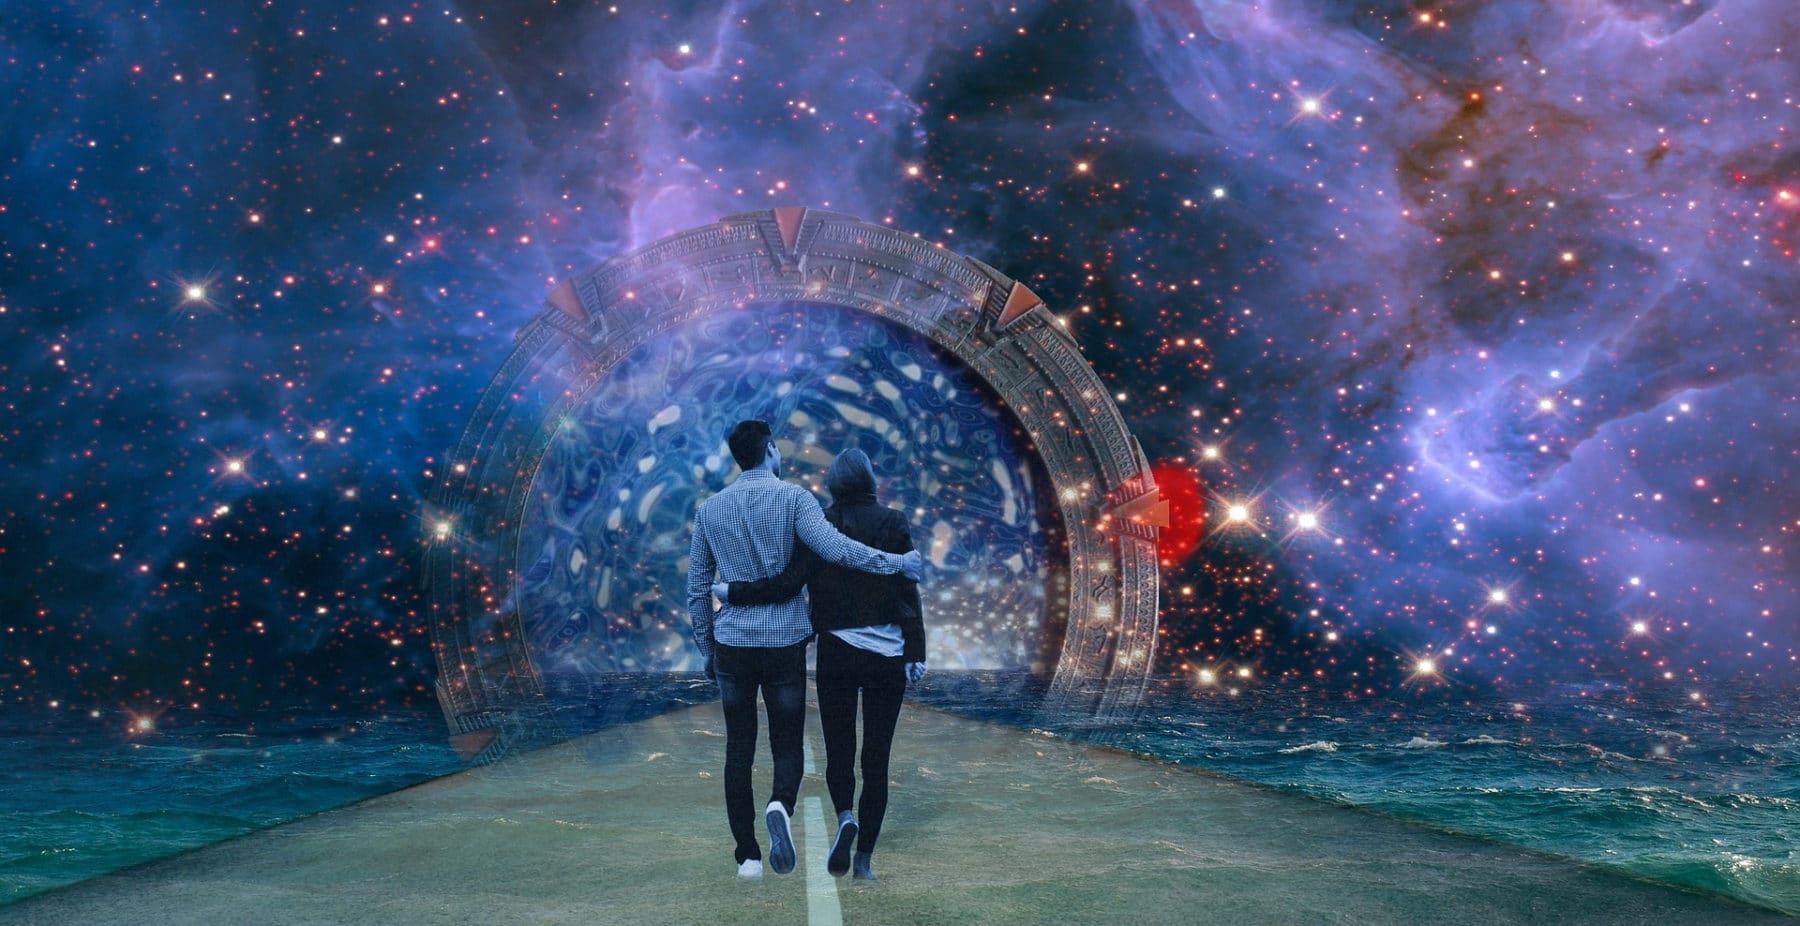 ein Paar läuft Arm in Arm durchs Sternentor